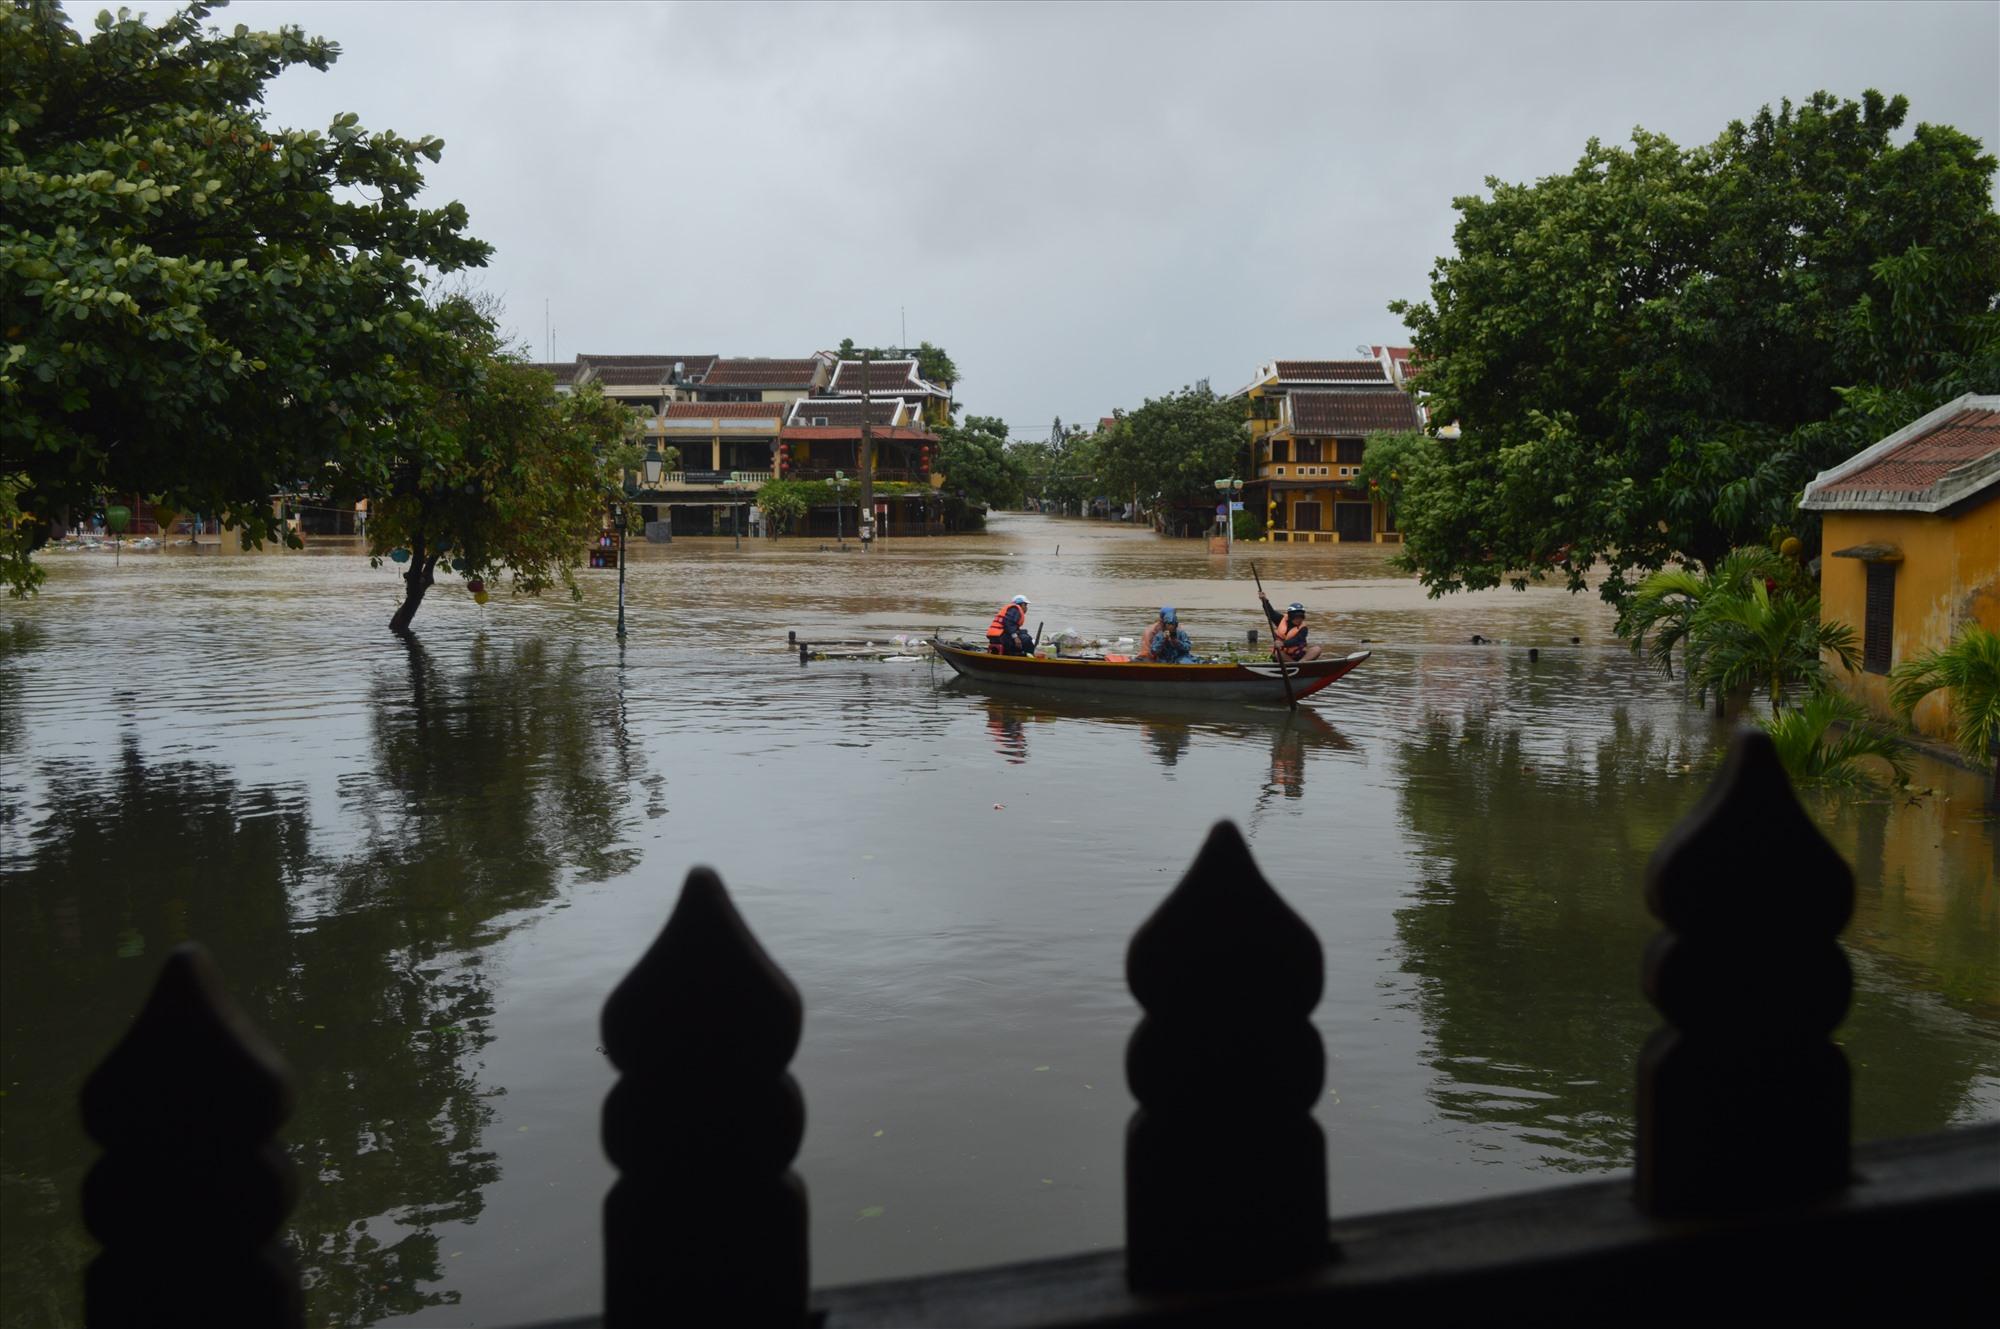 Khu vực An Hội bị ngập nặng nề, còn lại phần lớn diện tích TP.Hội An vẫn chưa có nước